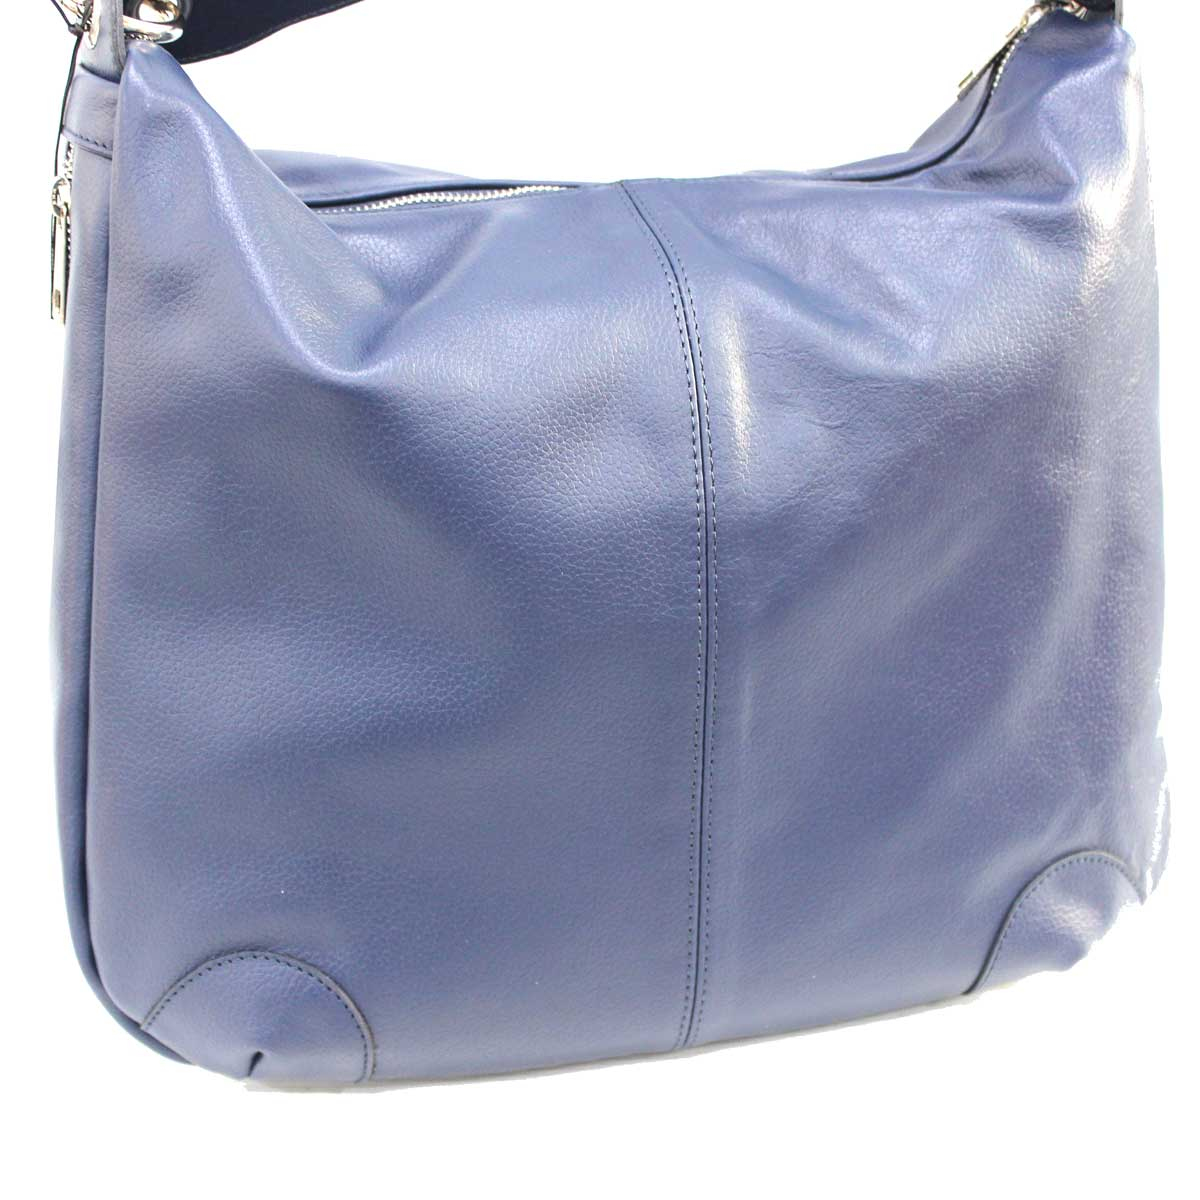 Borsa donna in vera pelle sacca a spalla Albano 901 blu